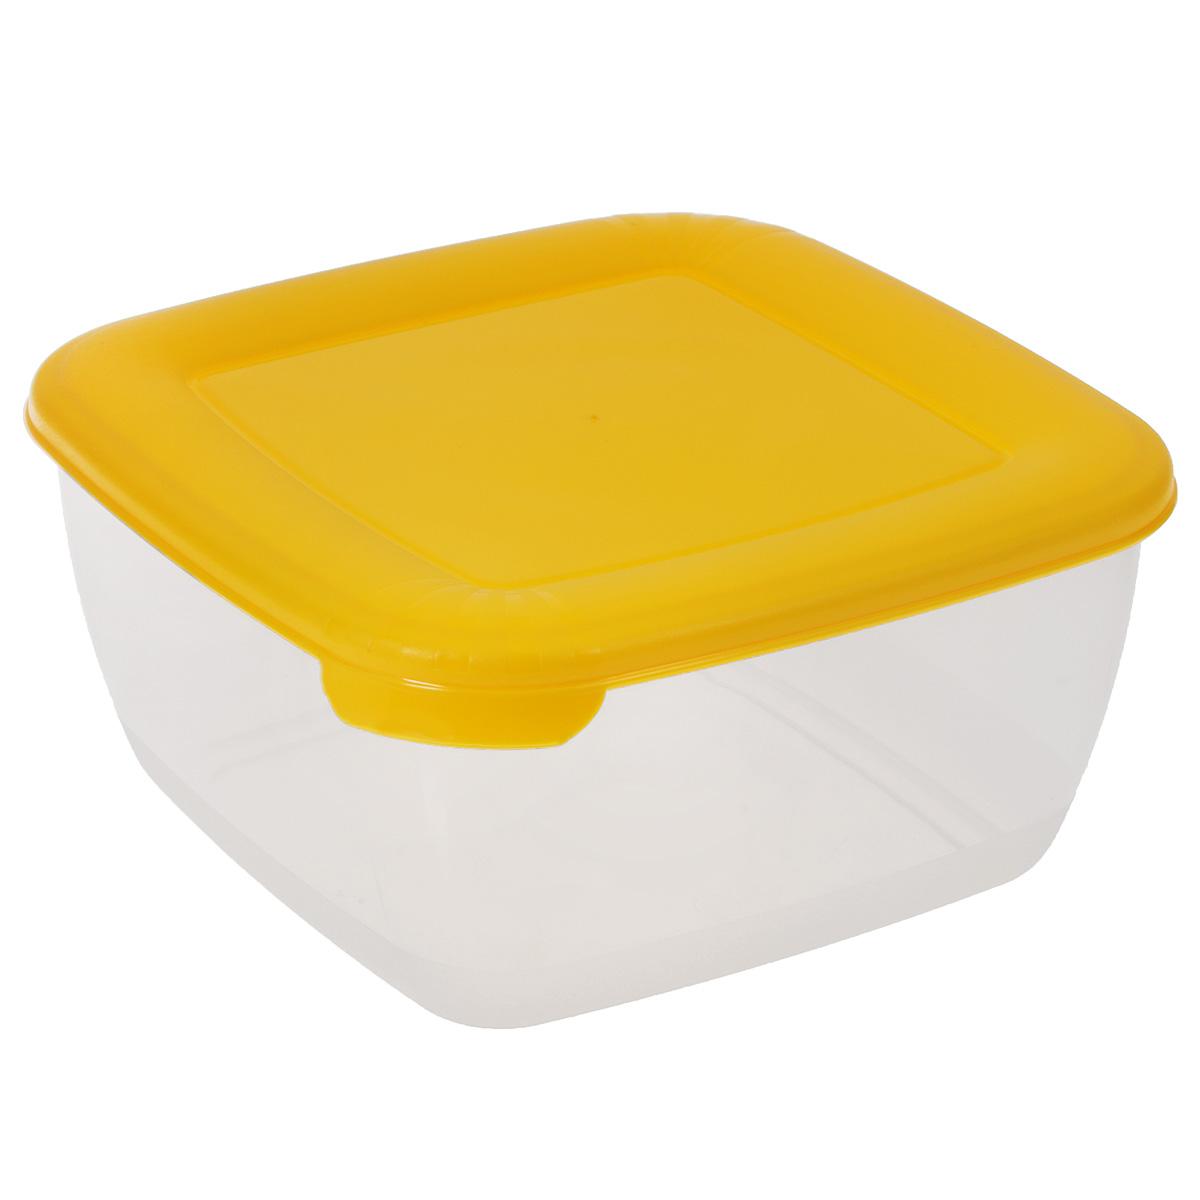 Контейнер Полимербыт Лайт, цвет: прозрачный, желтый, 1,5 л